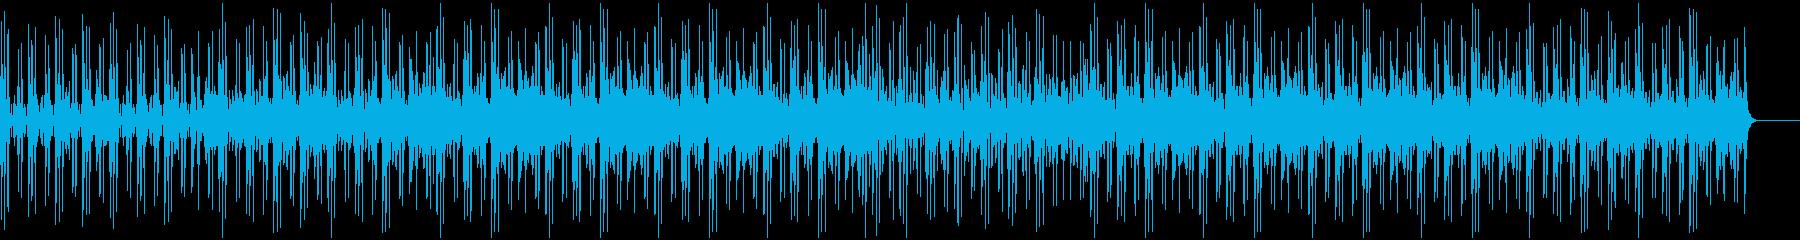 渋くておしゃれなバンドスタイルBGMの再生済みの波形